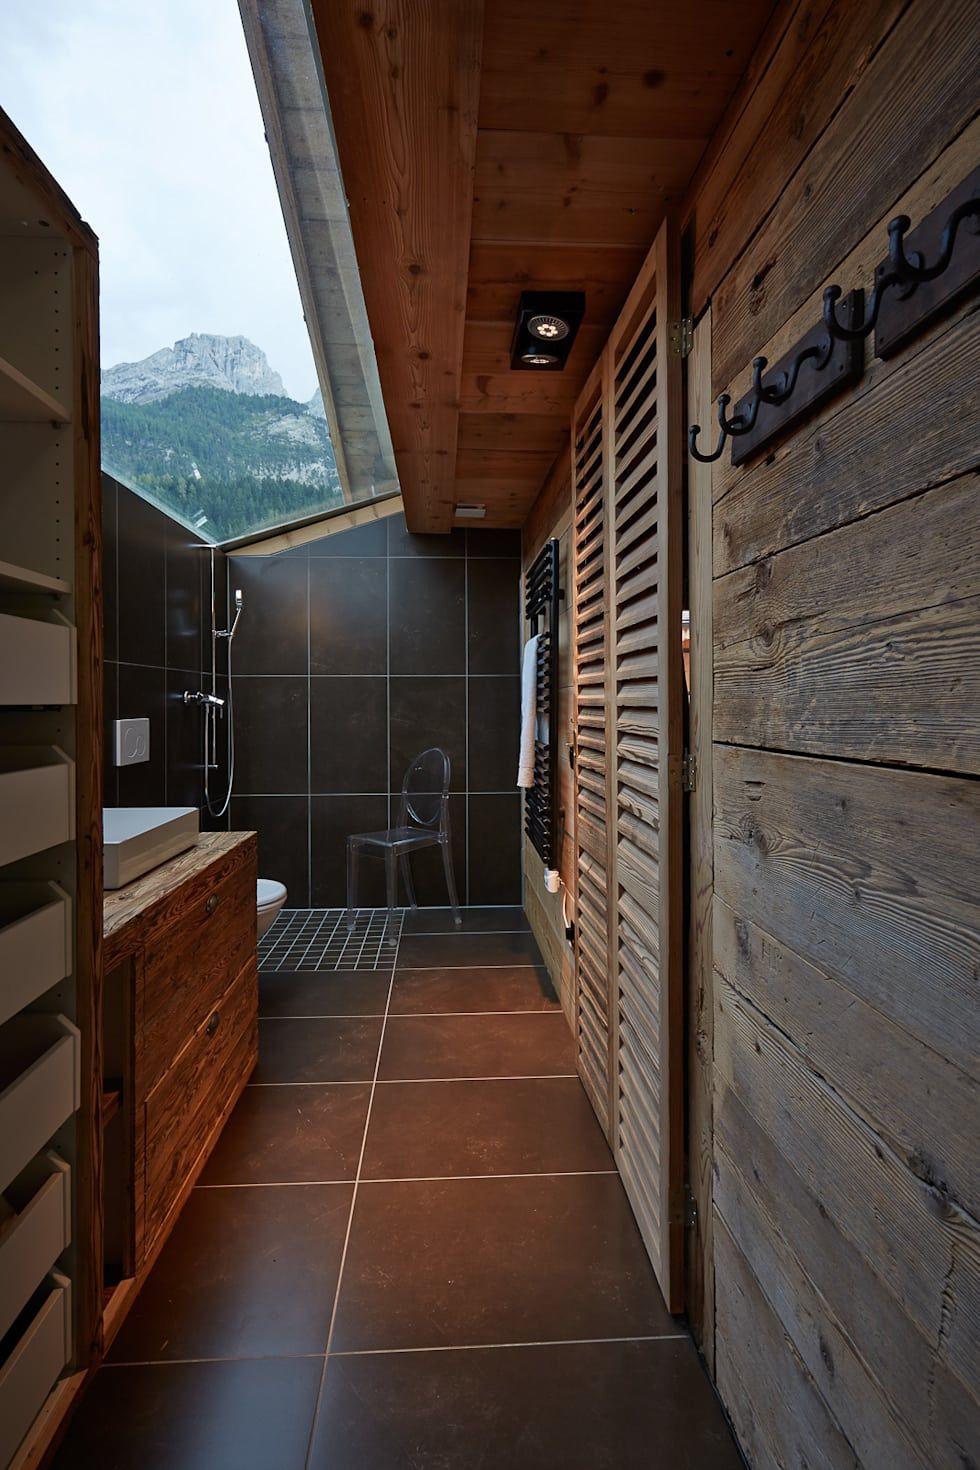 Kleines hotelbadezimmerdesign  kleines chalet in gsteig  chalet  pinterest  casa de banho